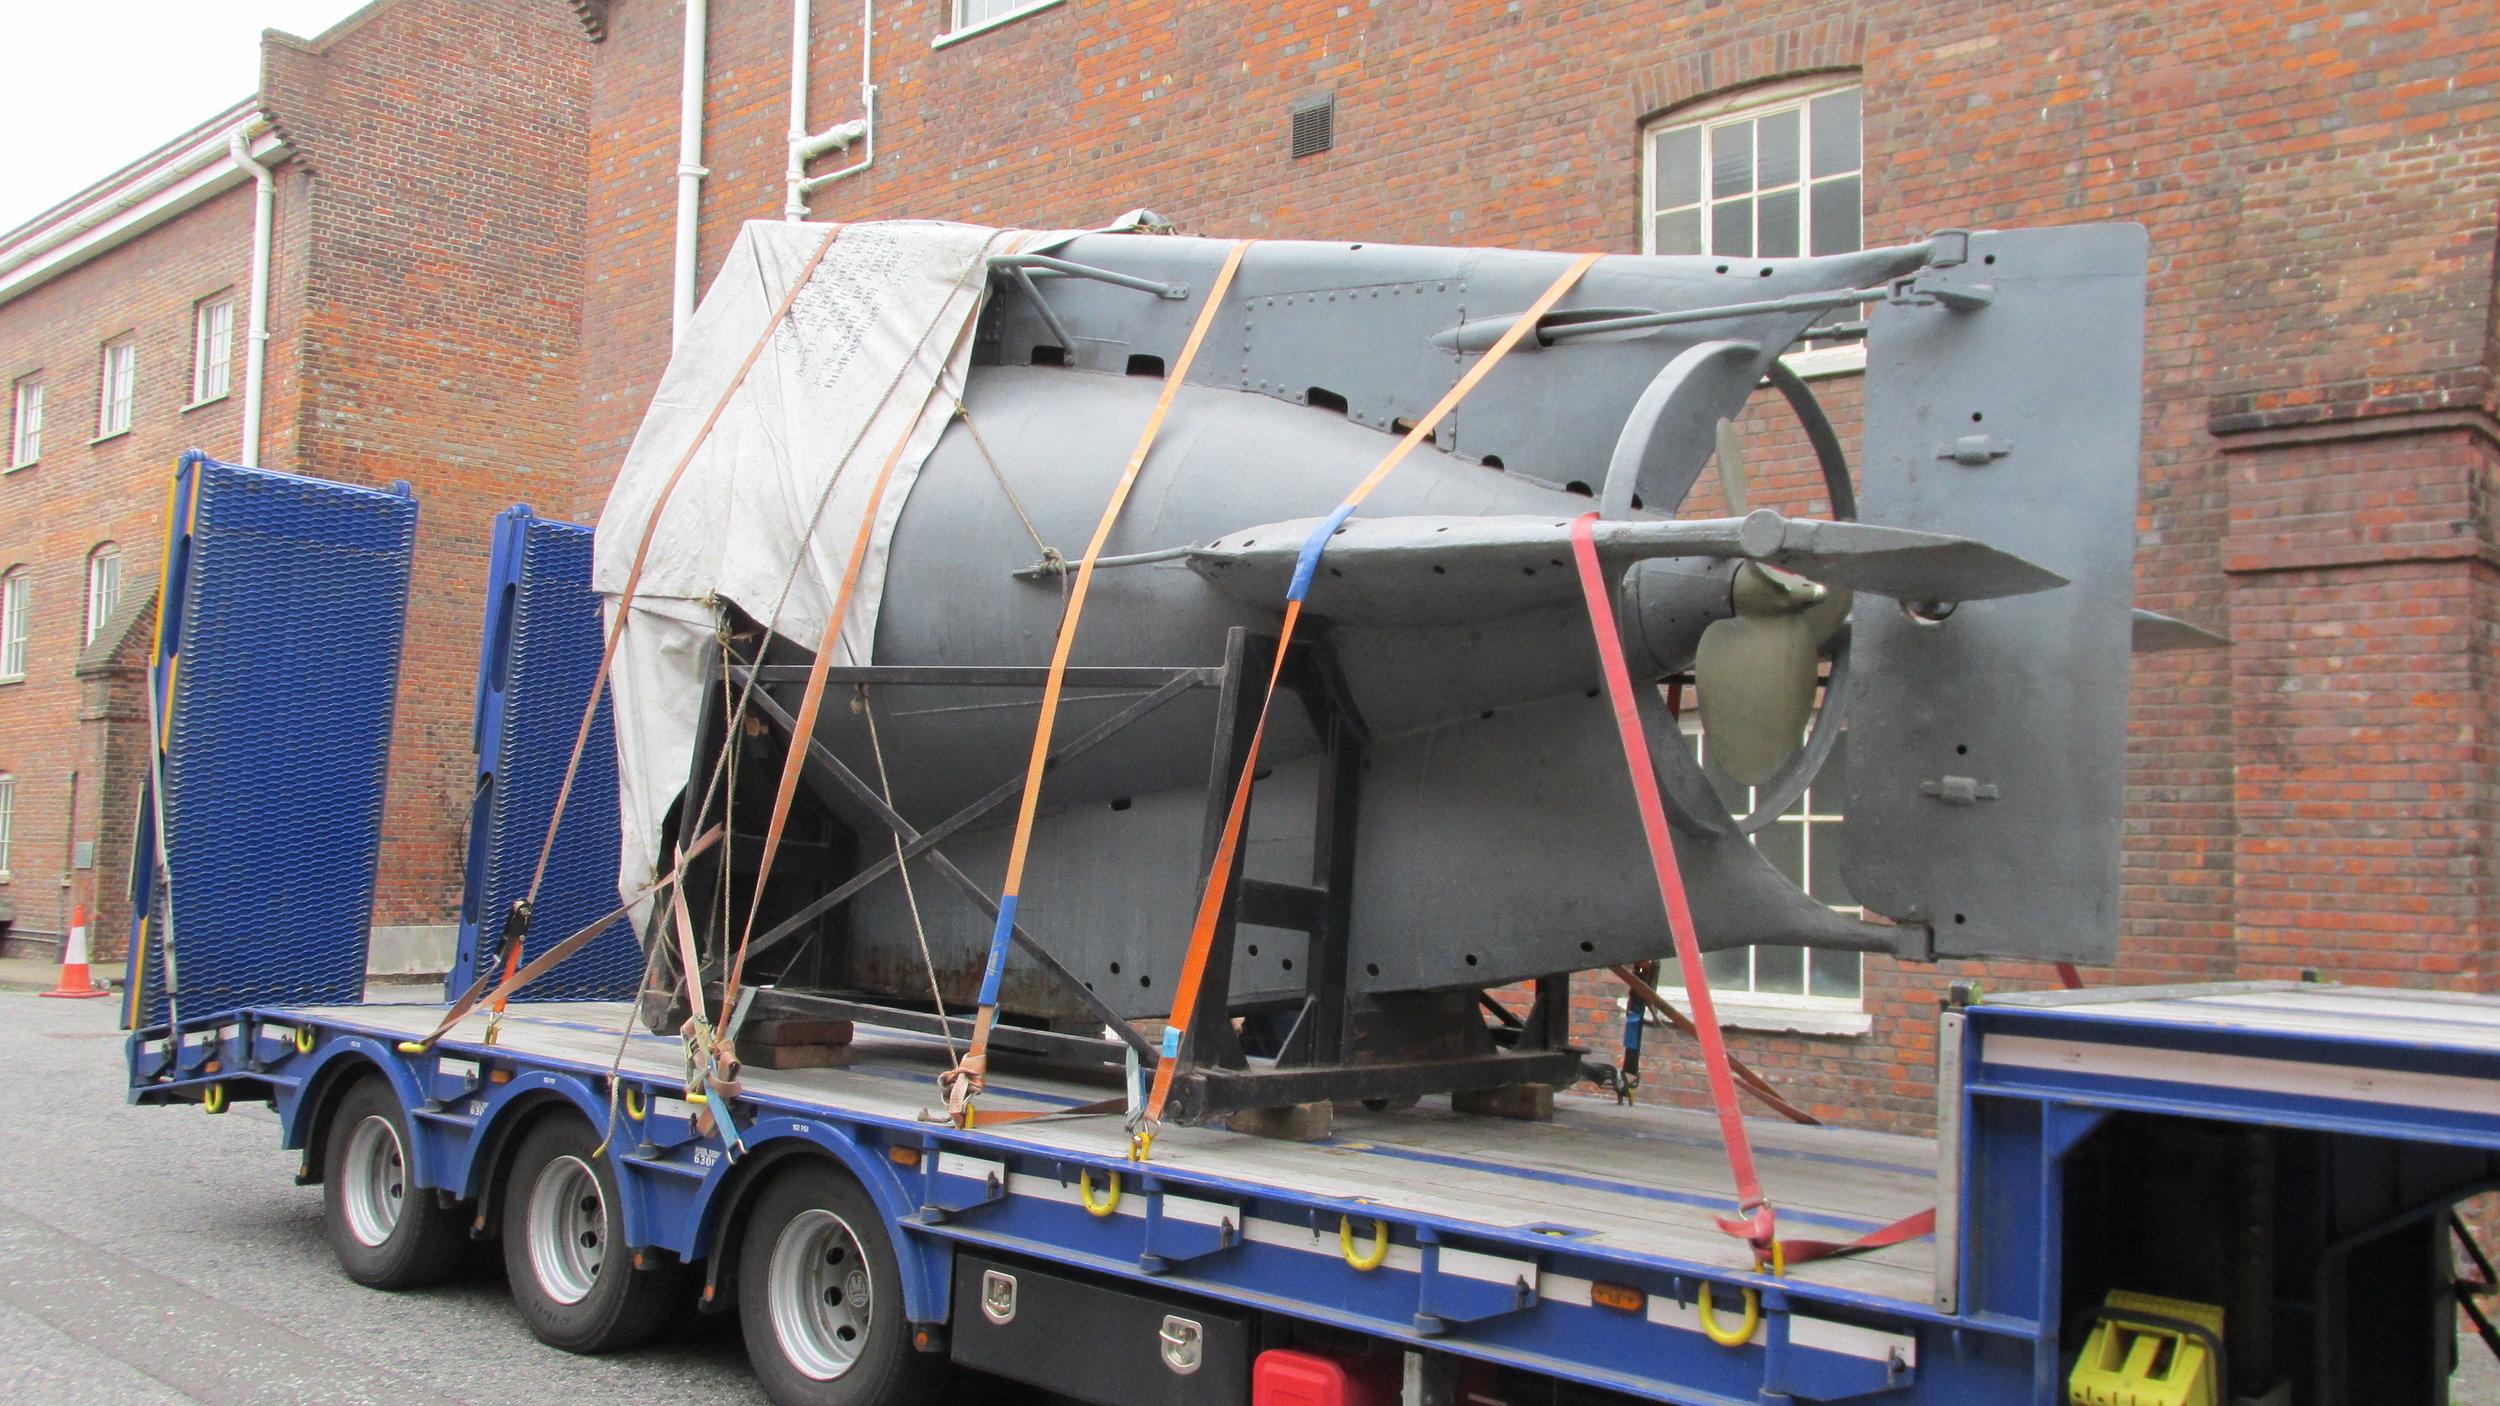 The submarine's engine travelling seperately